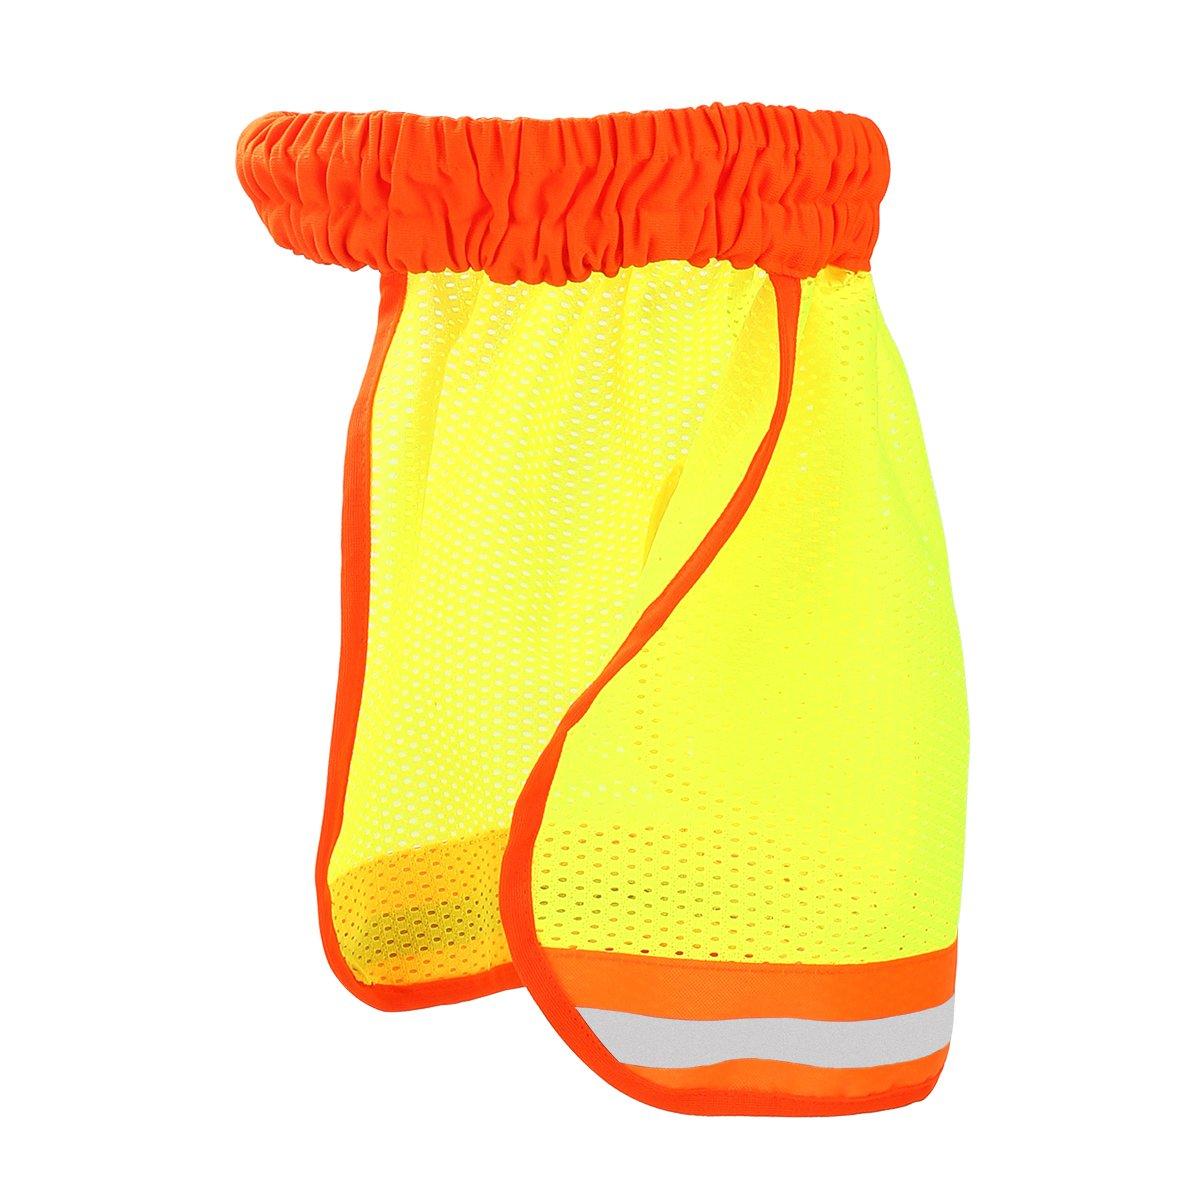 Donnagelia - Protector de cuello reflectante para sombrero duro, casco de seguridad con malla transpirable de alta visibilidad, amarillo